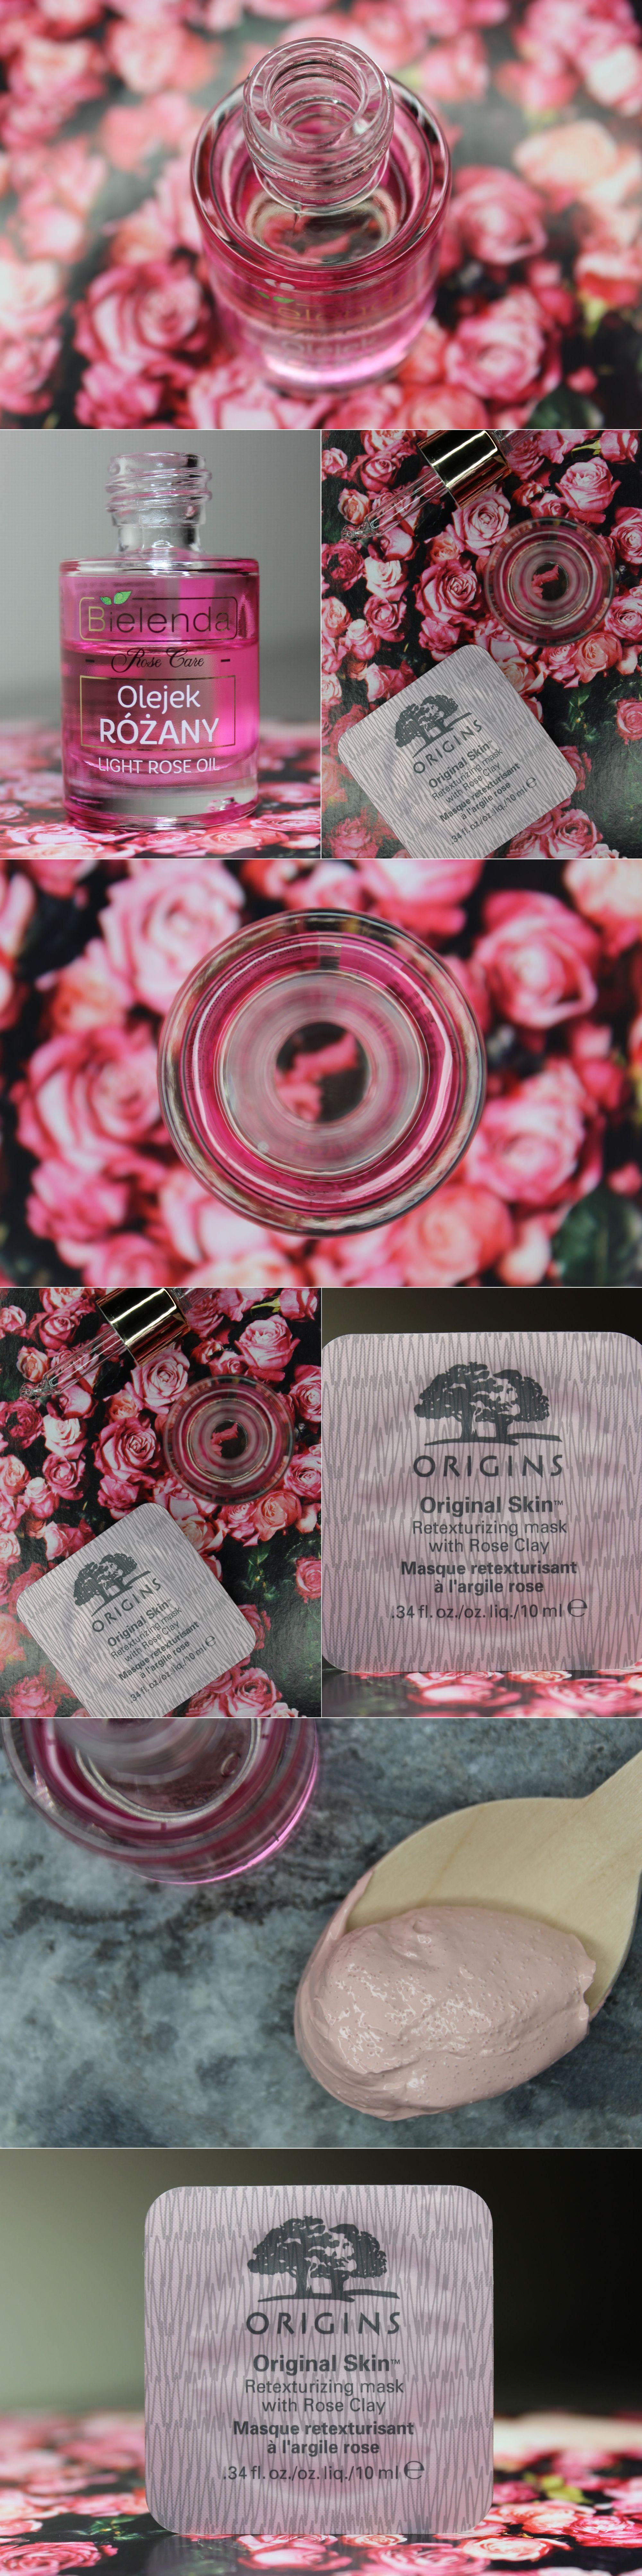 bielenda-rose-care-2